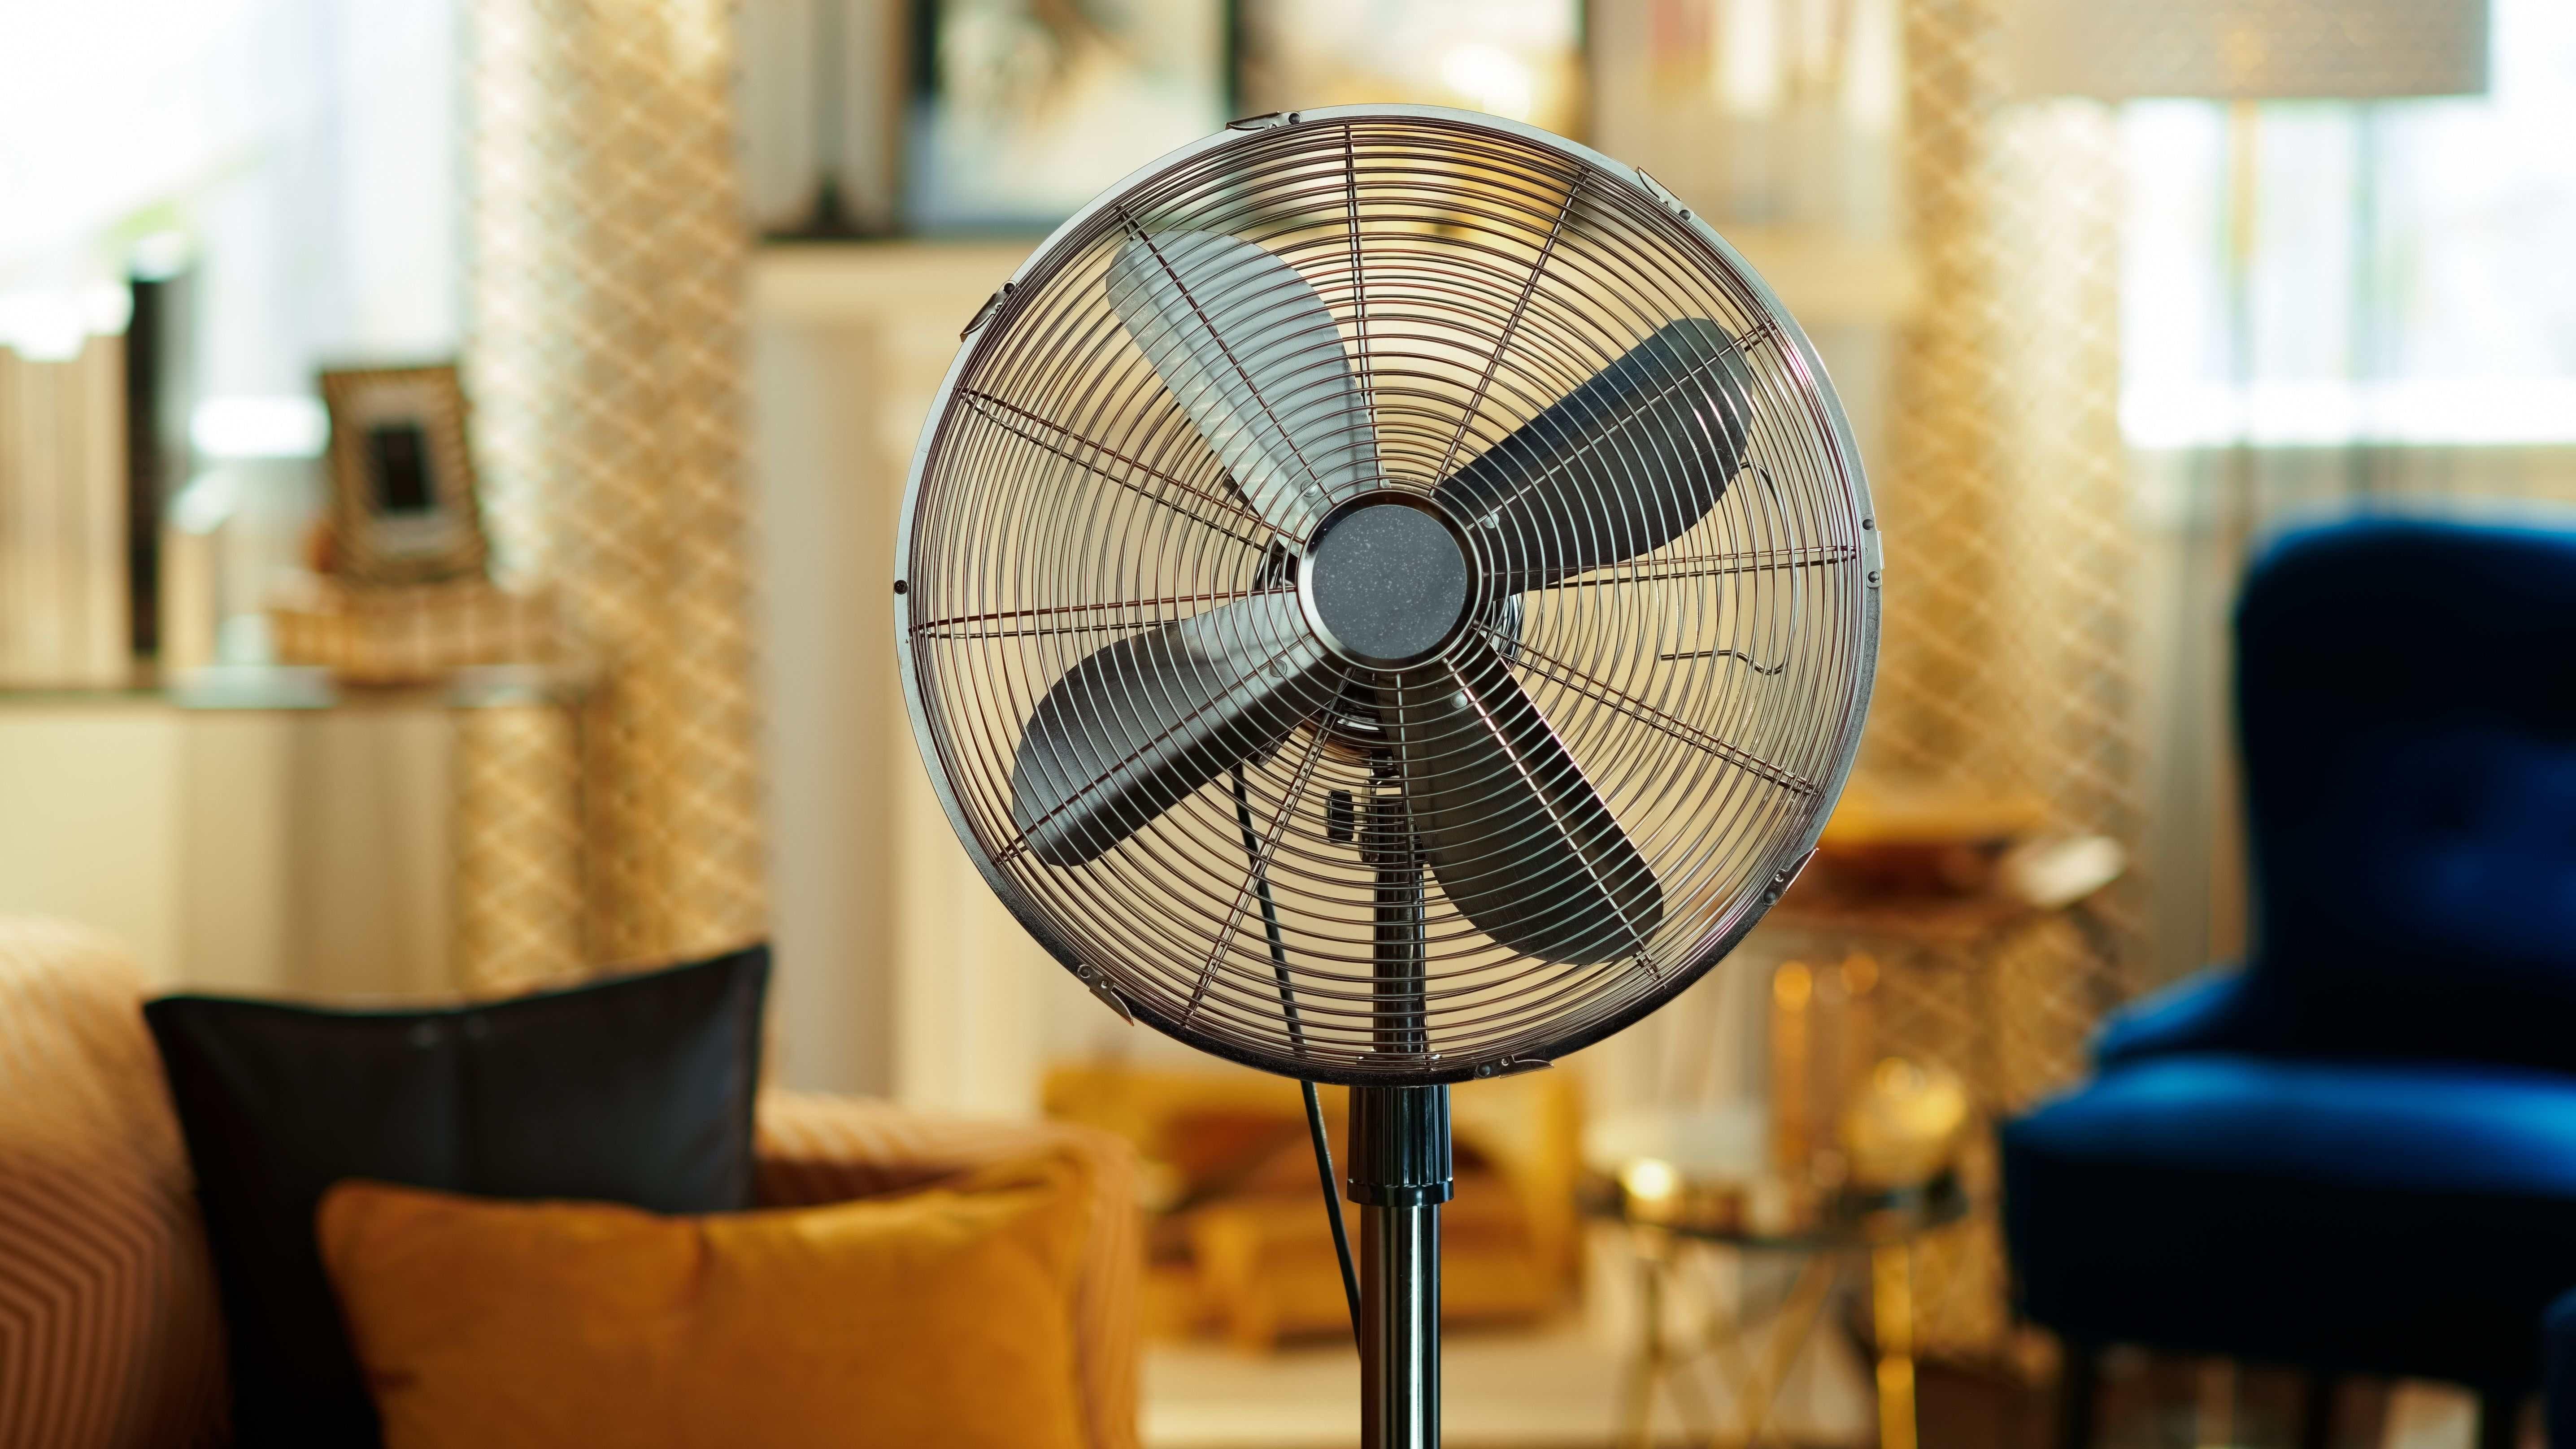 Ventilateur ou climatiseur : faut-il opter pour du vent ou du frais